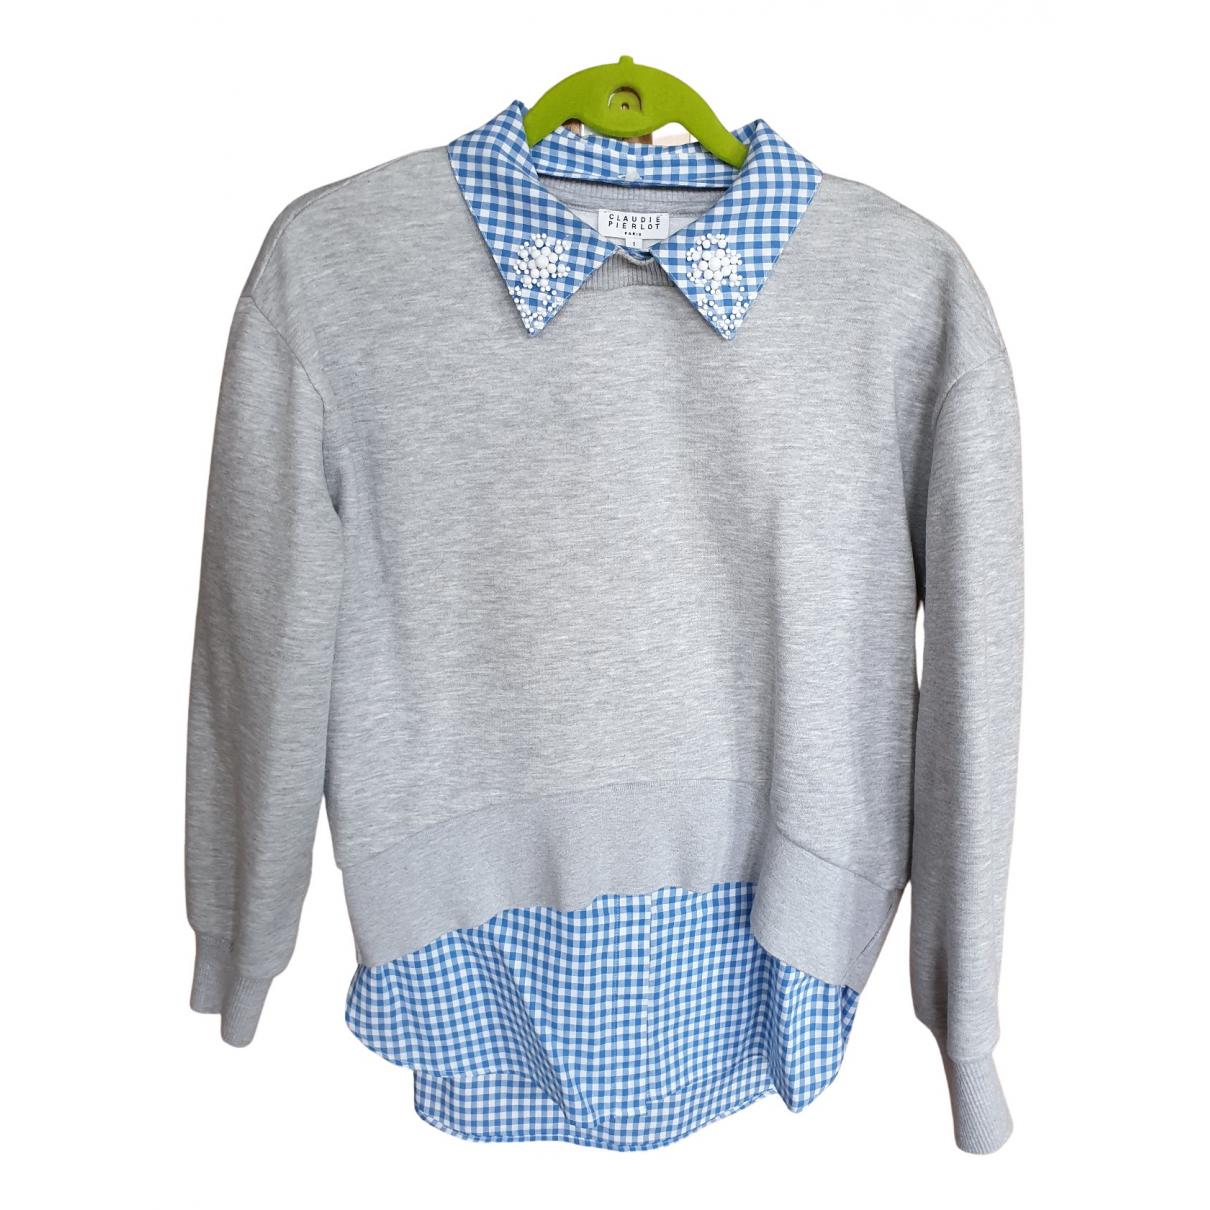 Claudie Pierlot - Pull   pour femme en coton - gris